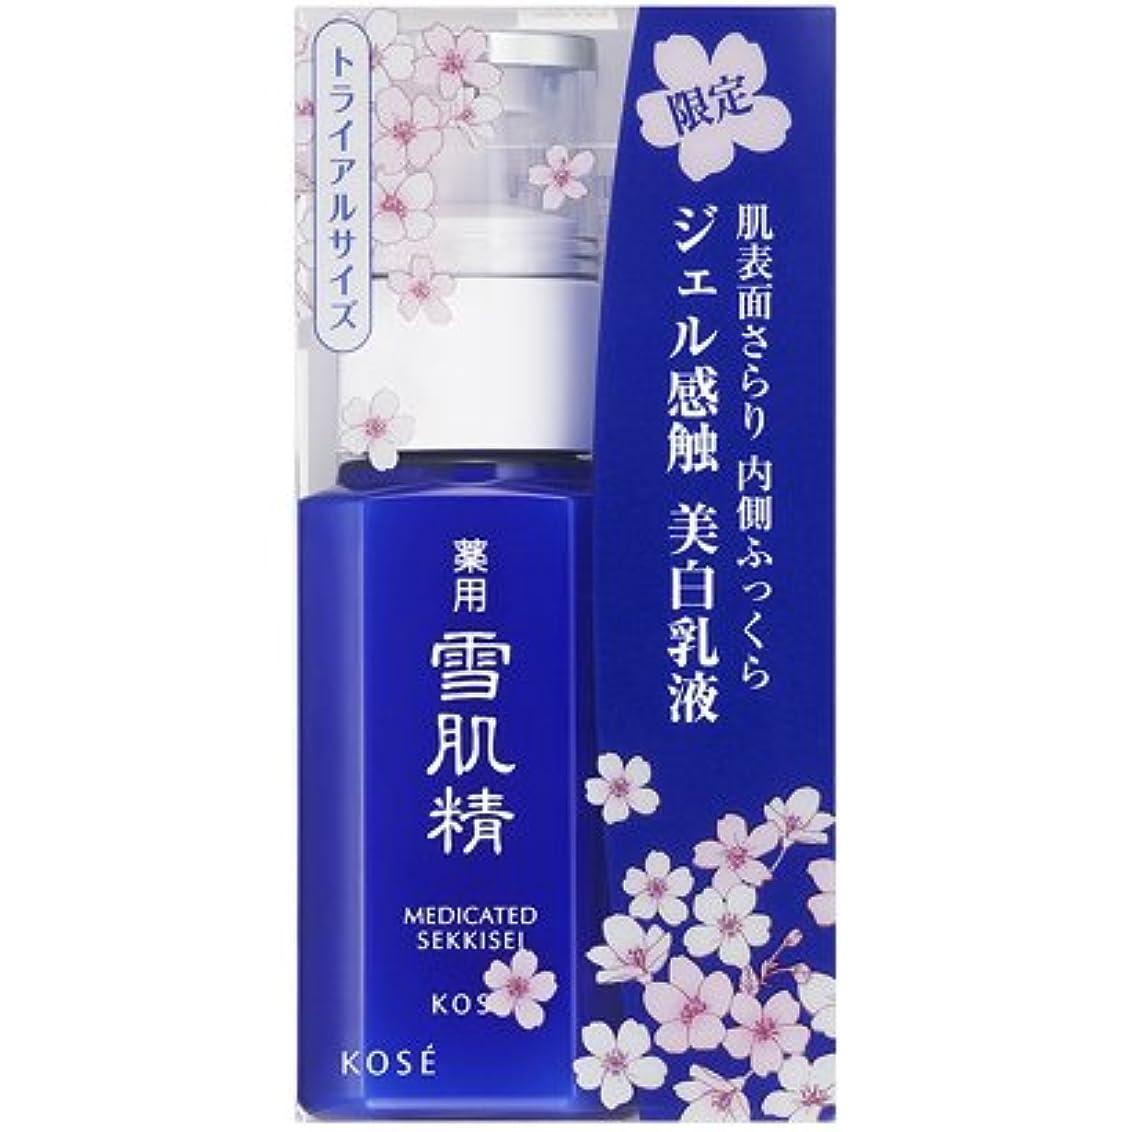 アルコーブ順番名前コーセー 薬用 雪肌精 乳液(ハーフサイズ) 【桜】 70mL